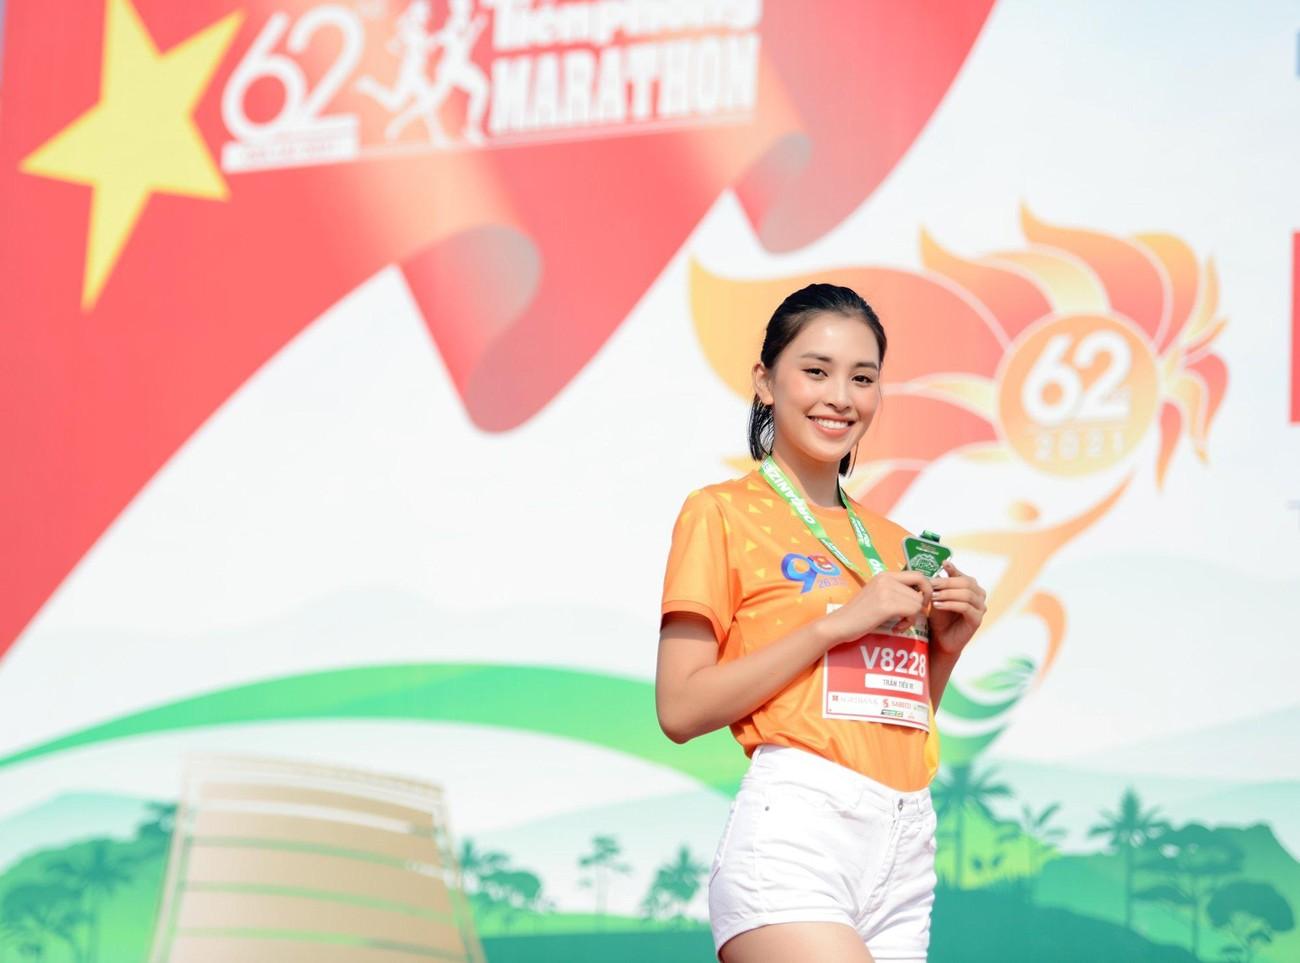 Hoa hậu Trần Tiểu Vy đẹp gây mê trên đường chạy Tiền phong Marathon ảnh 6